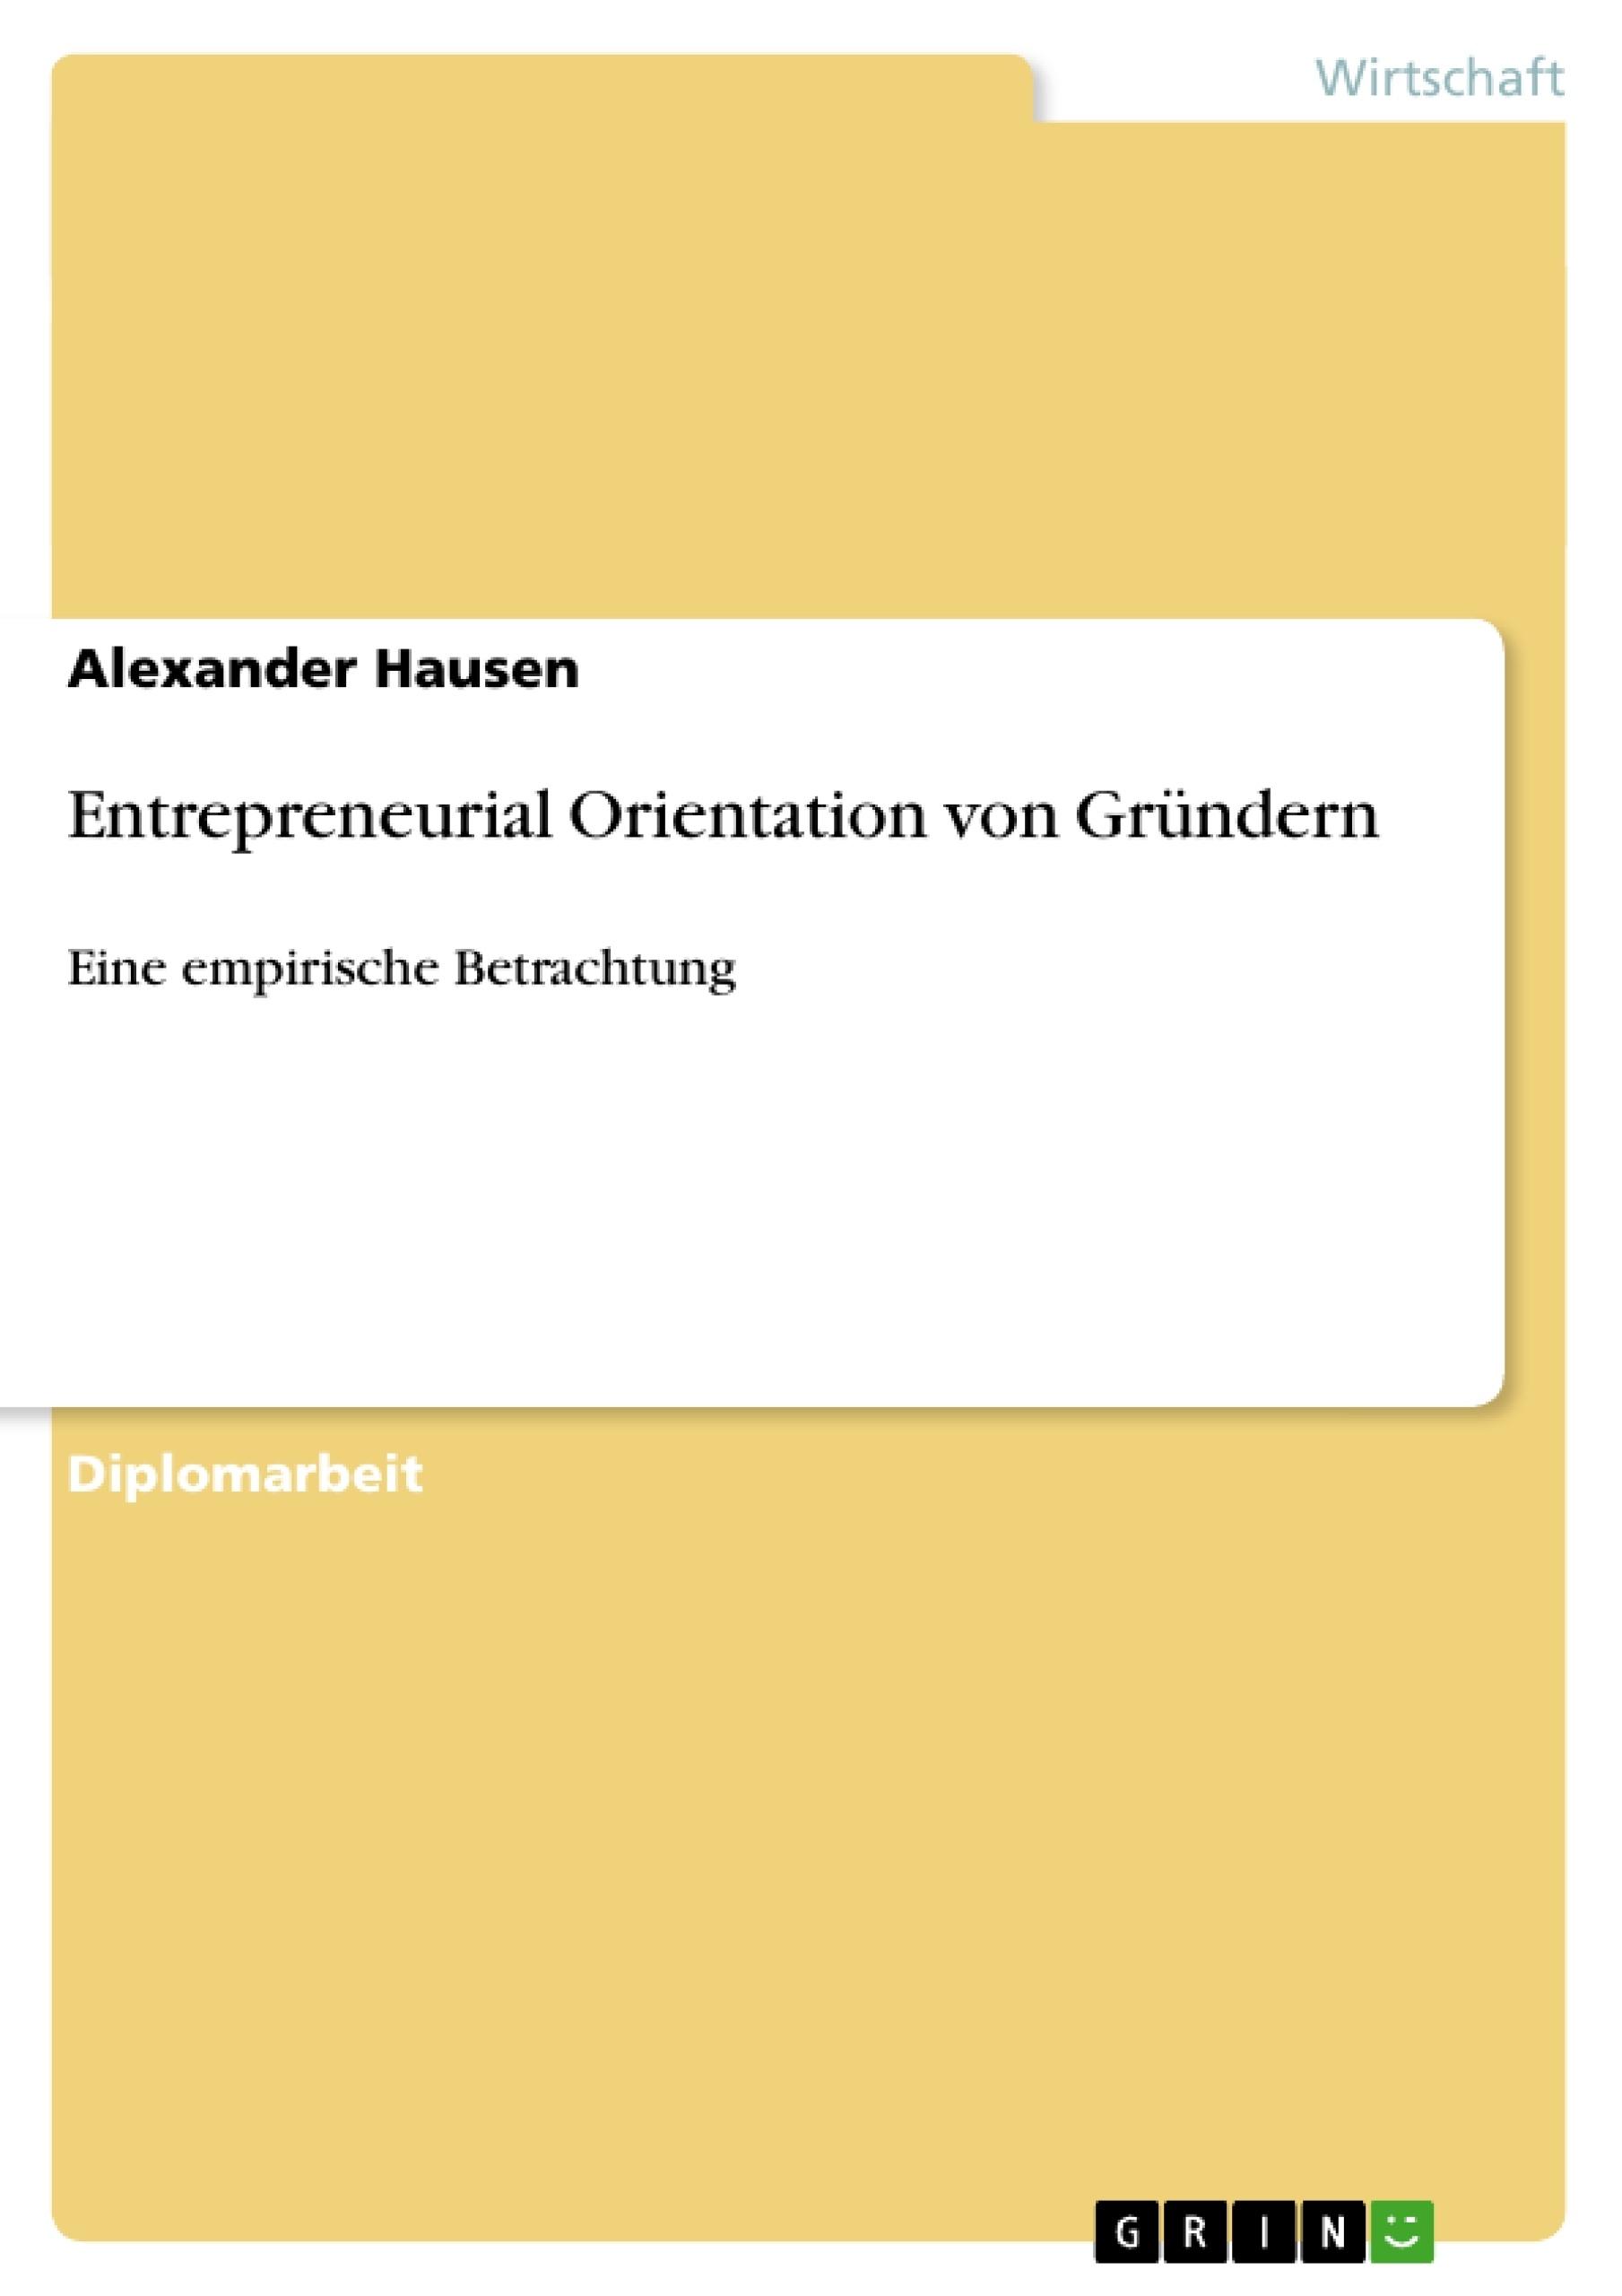 Titel: Entrepreneurial Orientation von Gründern